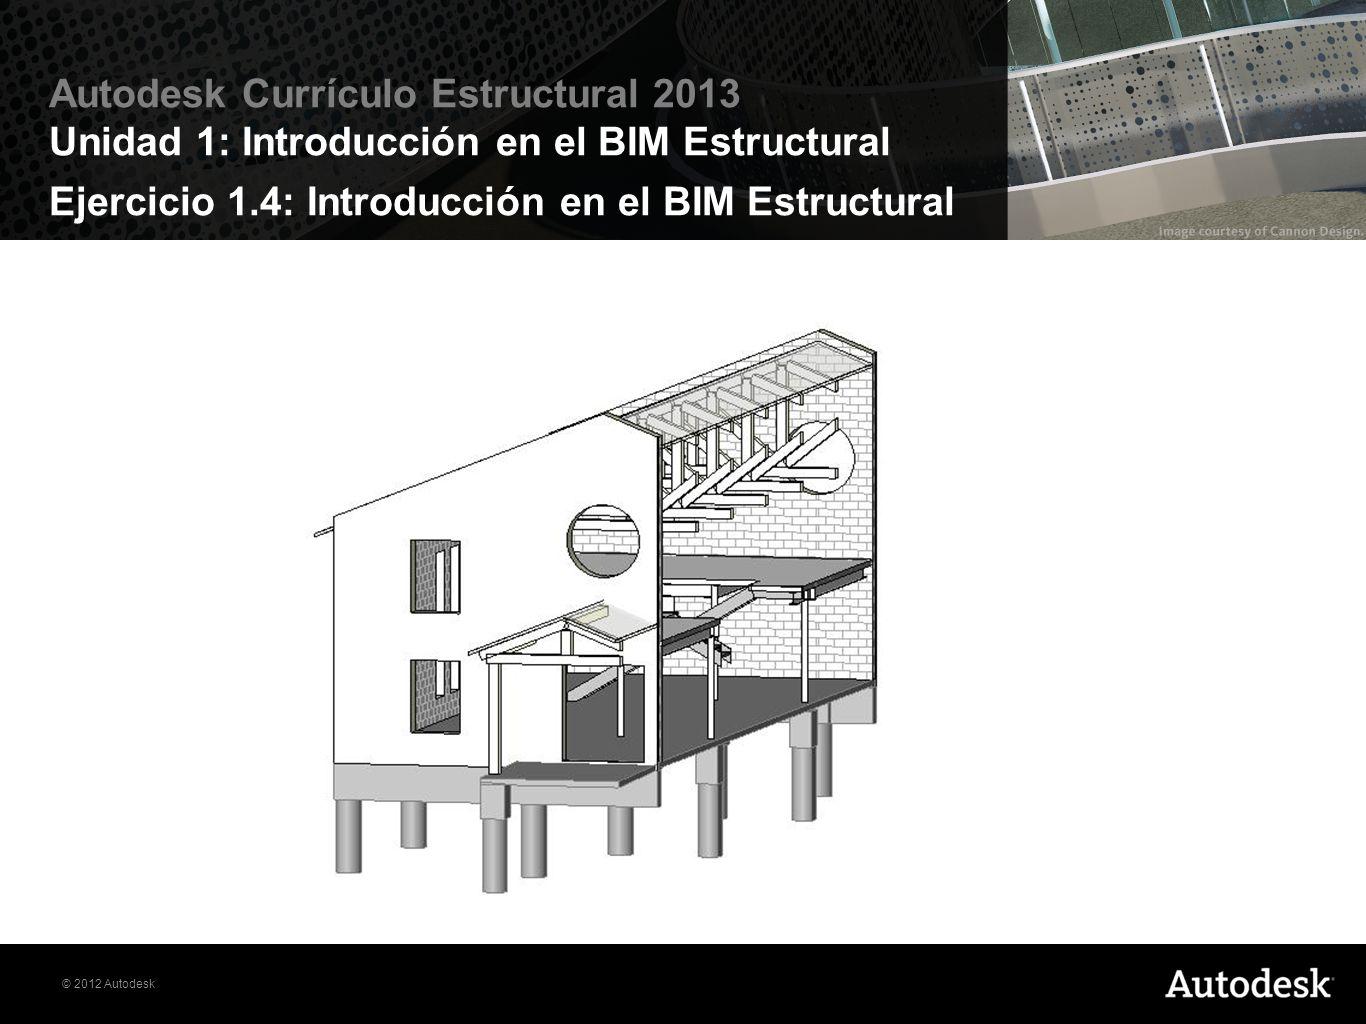 © 2012 Autodesk Autodesk Currículo Estructural 2013 Unidad 1: Introducción en el BIM Estructural Recursos disponibles: 1.Autodesk Comunidad Estudiantil (students.autodesk.com) 2.Videos en línea 3.Libro de Ejercicios 4.Conjunto de datos de los proyectos 5.Archivos de ayuda en las aplicaciones de Autodesk Introducción en el BIM Estructural